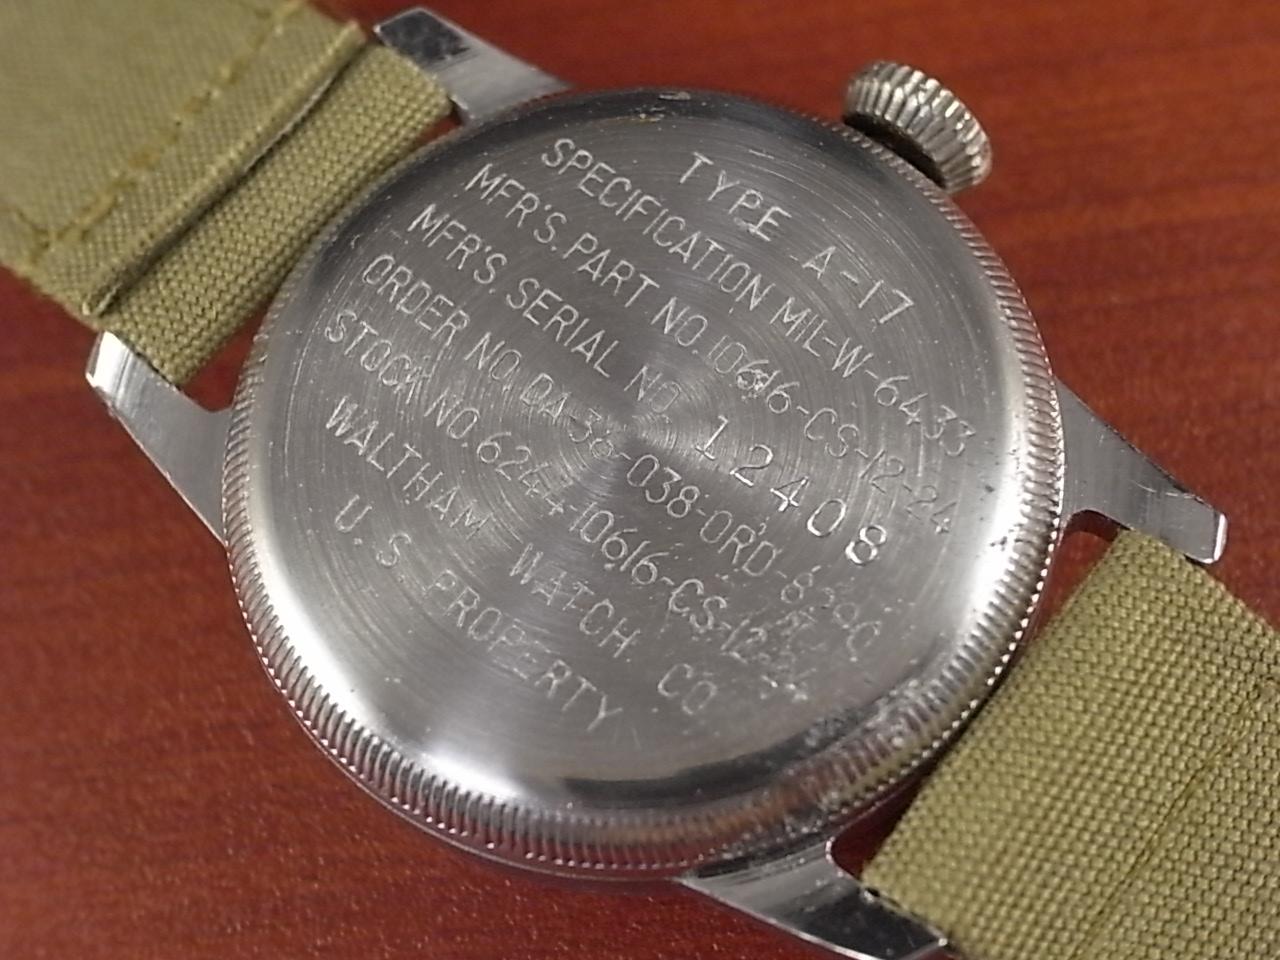 ウォルサム 軍用時計 米軍 タイプA-17 1950年代の写真4枚目